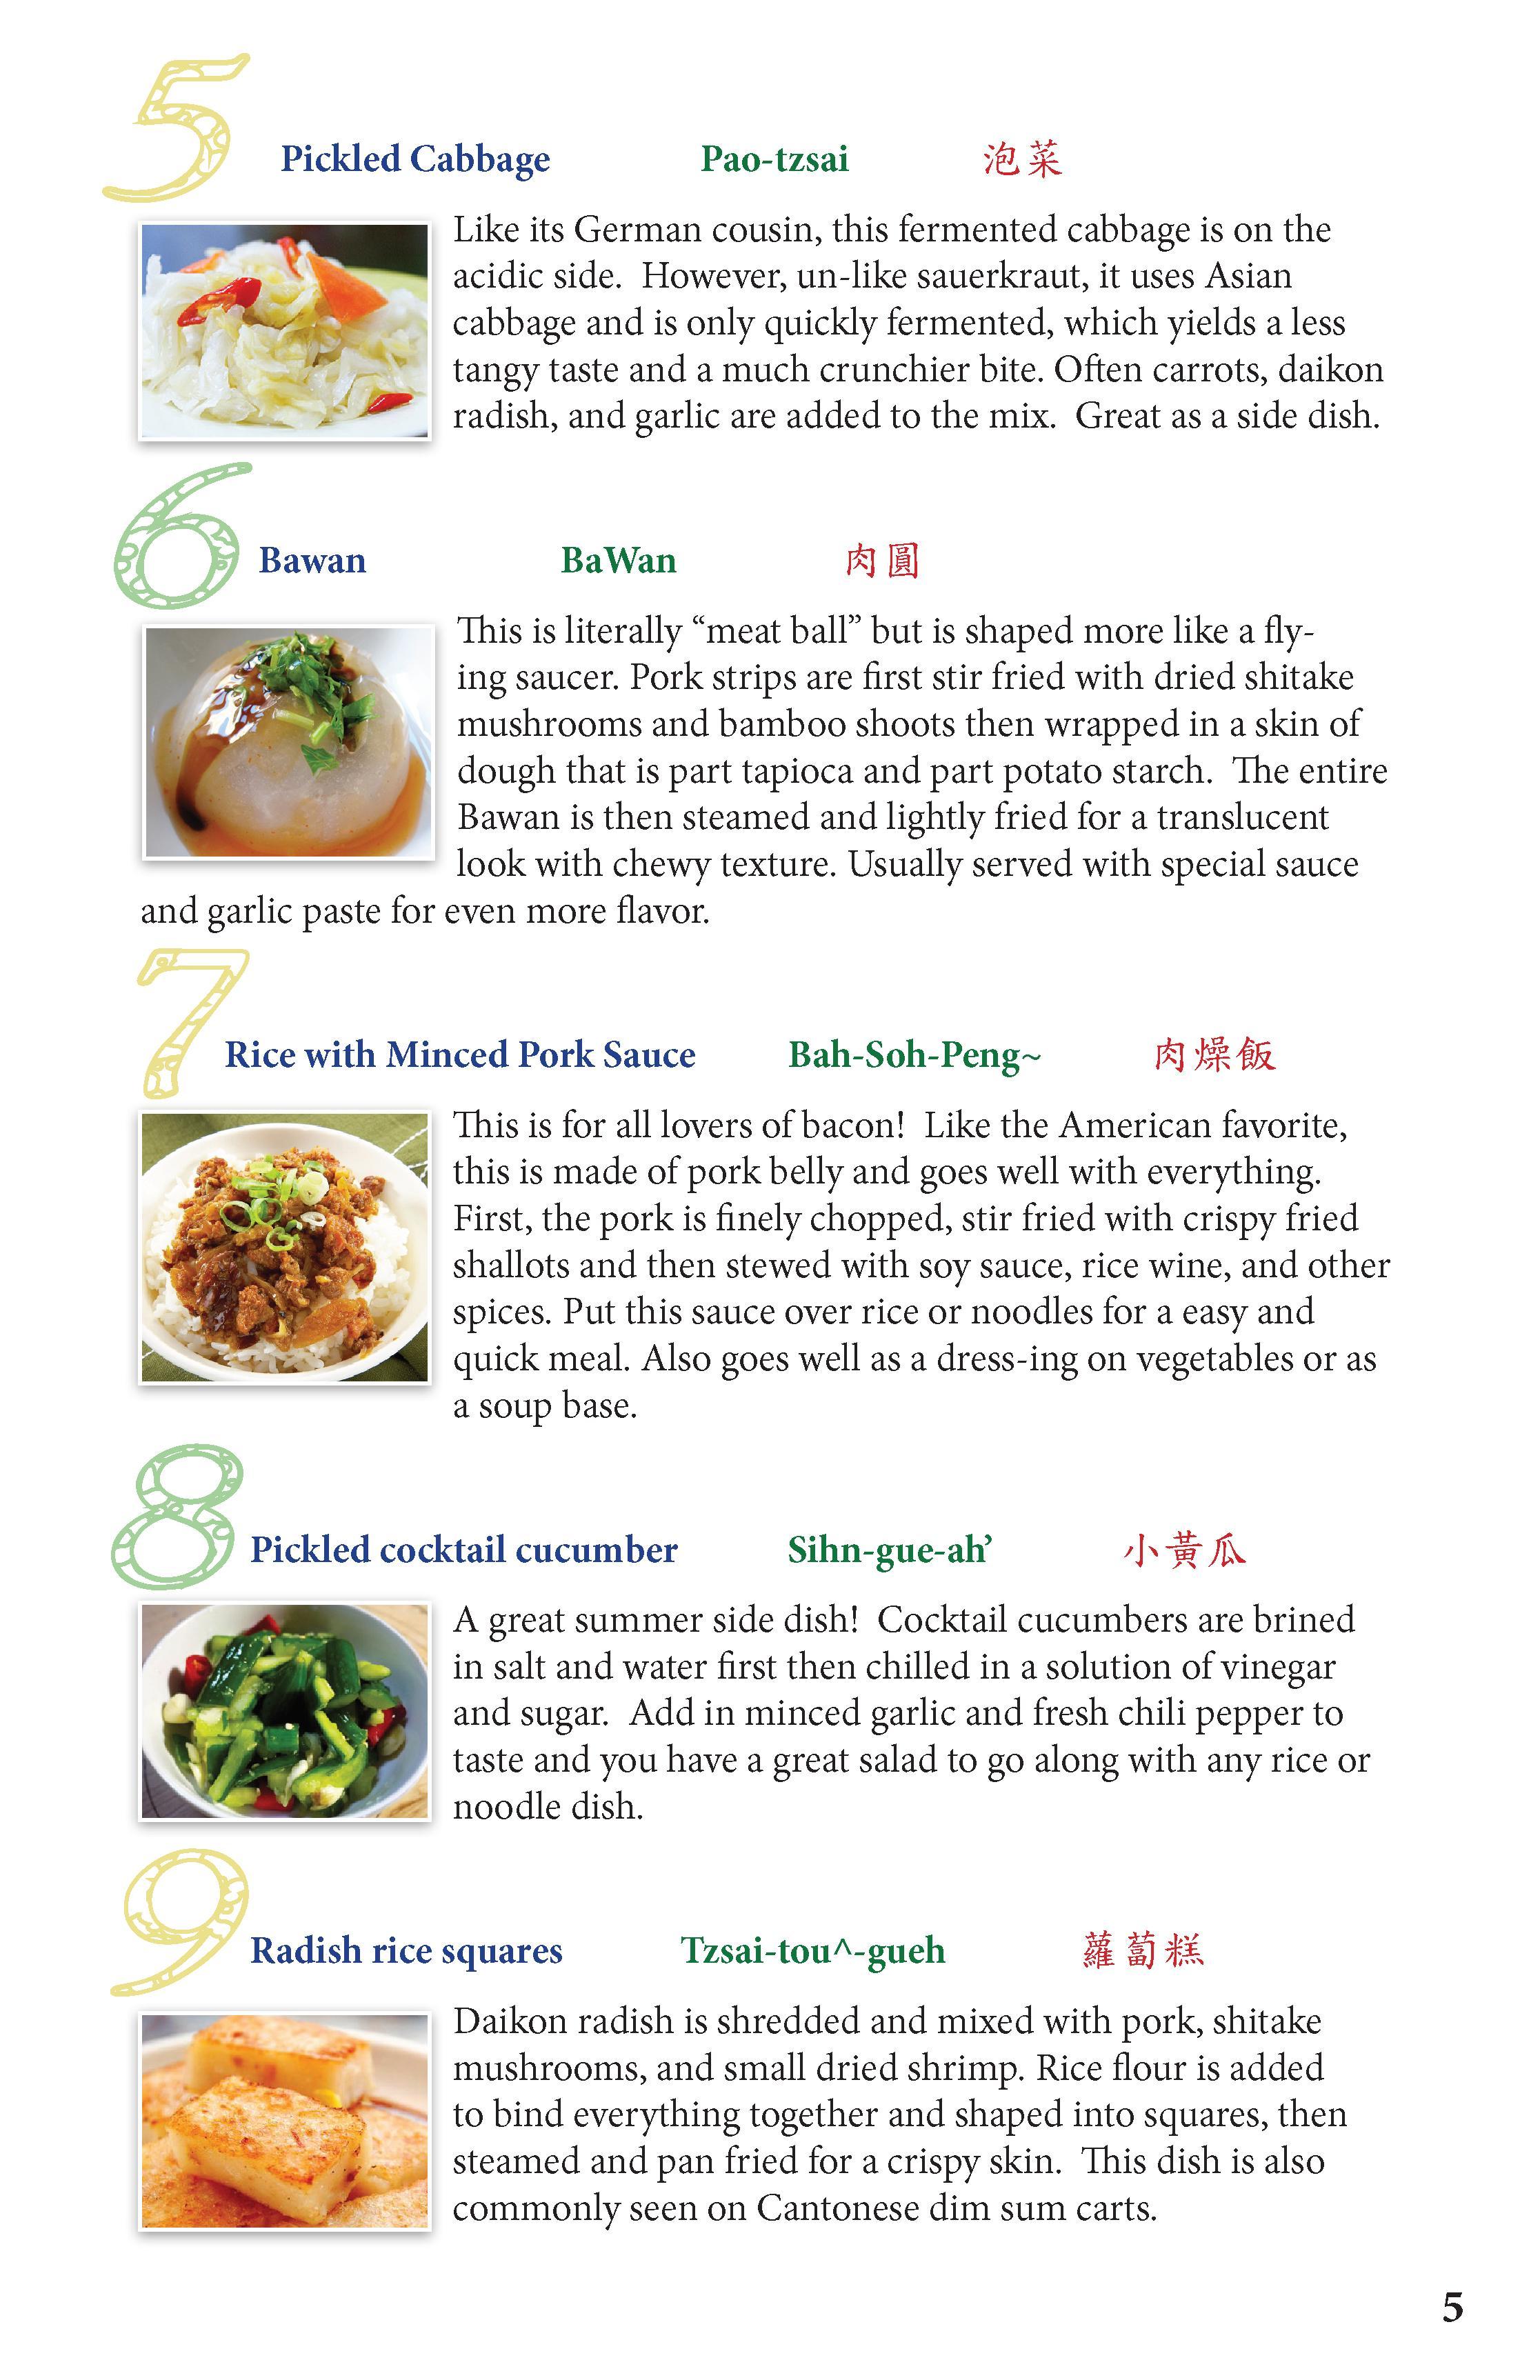 Taiwanese Food and Culinary Culture Festival 台美人傳統慶試辦美食饗宴2015 - 0005